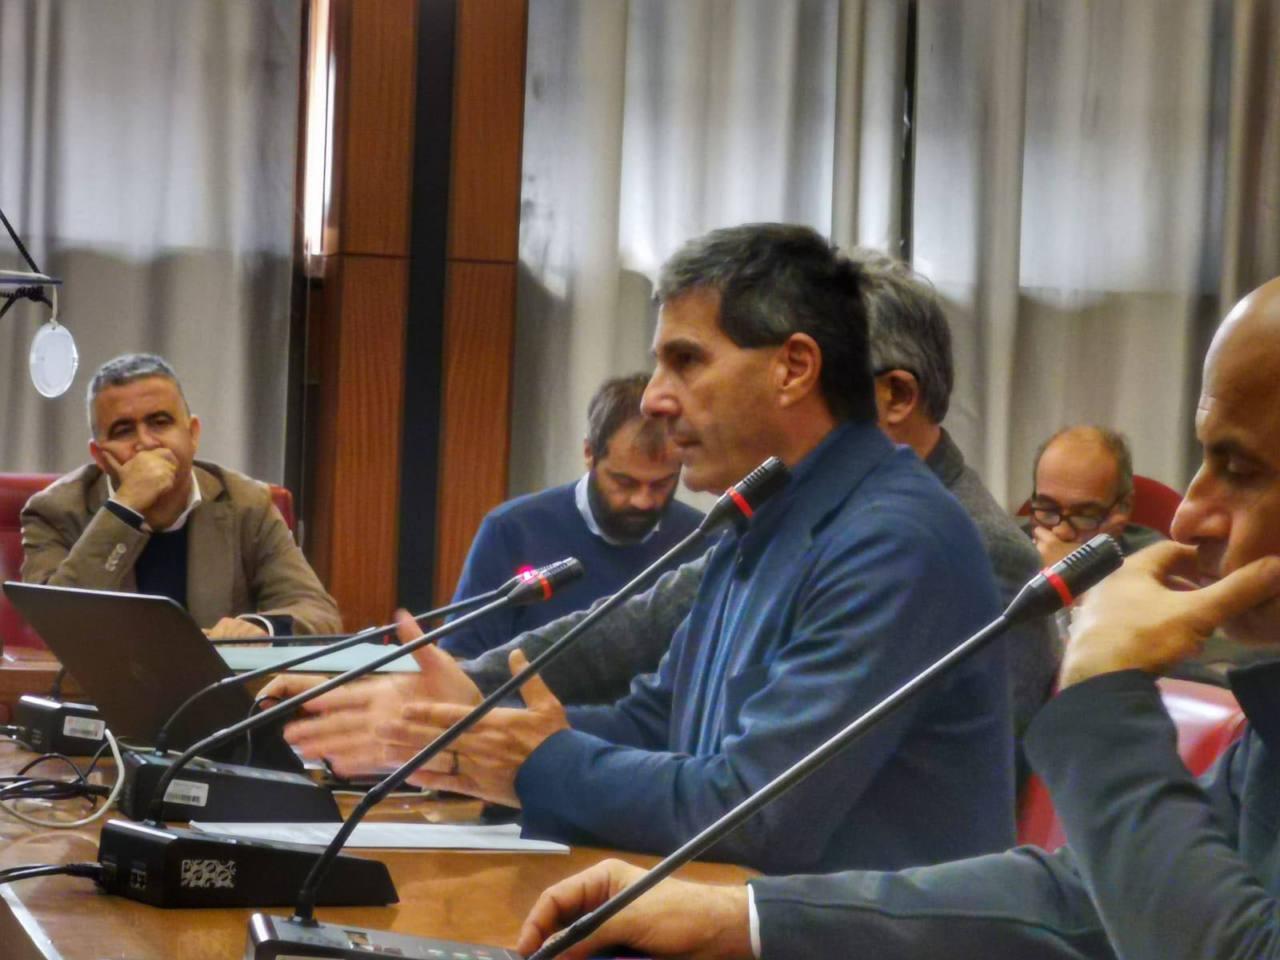 Piero Farabollini